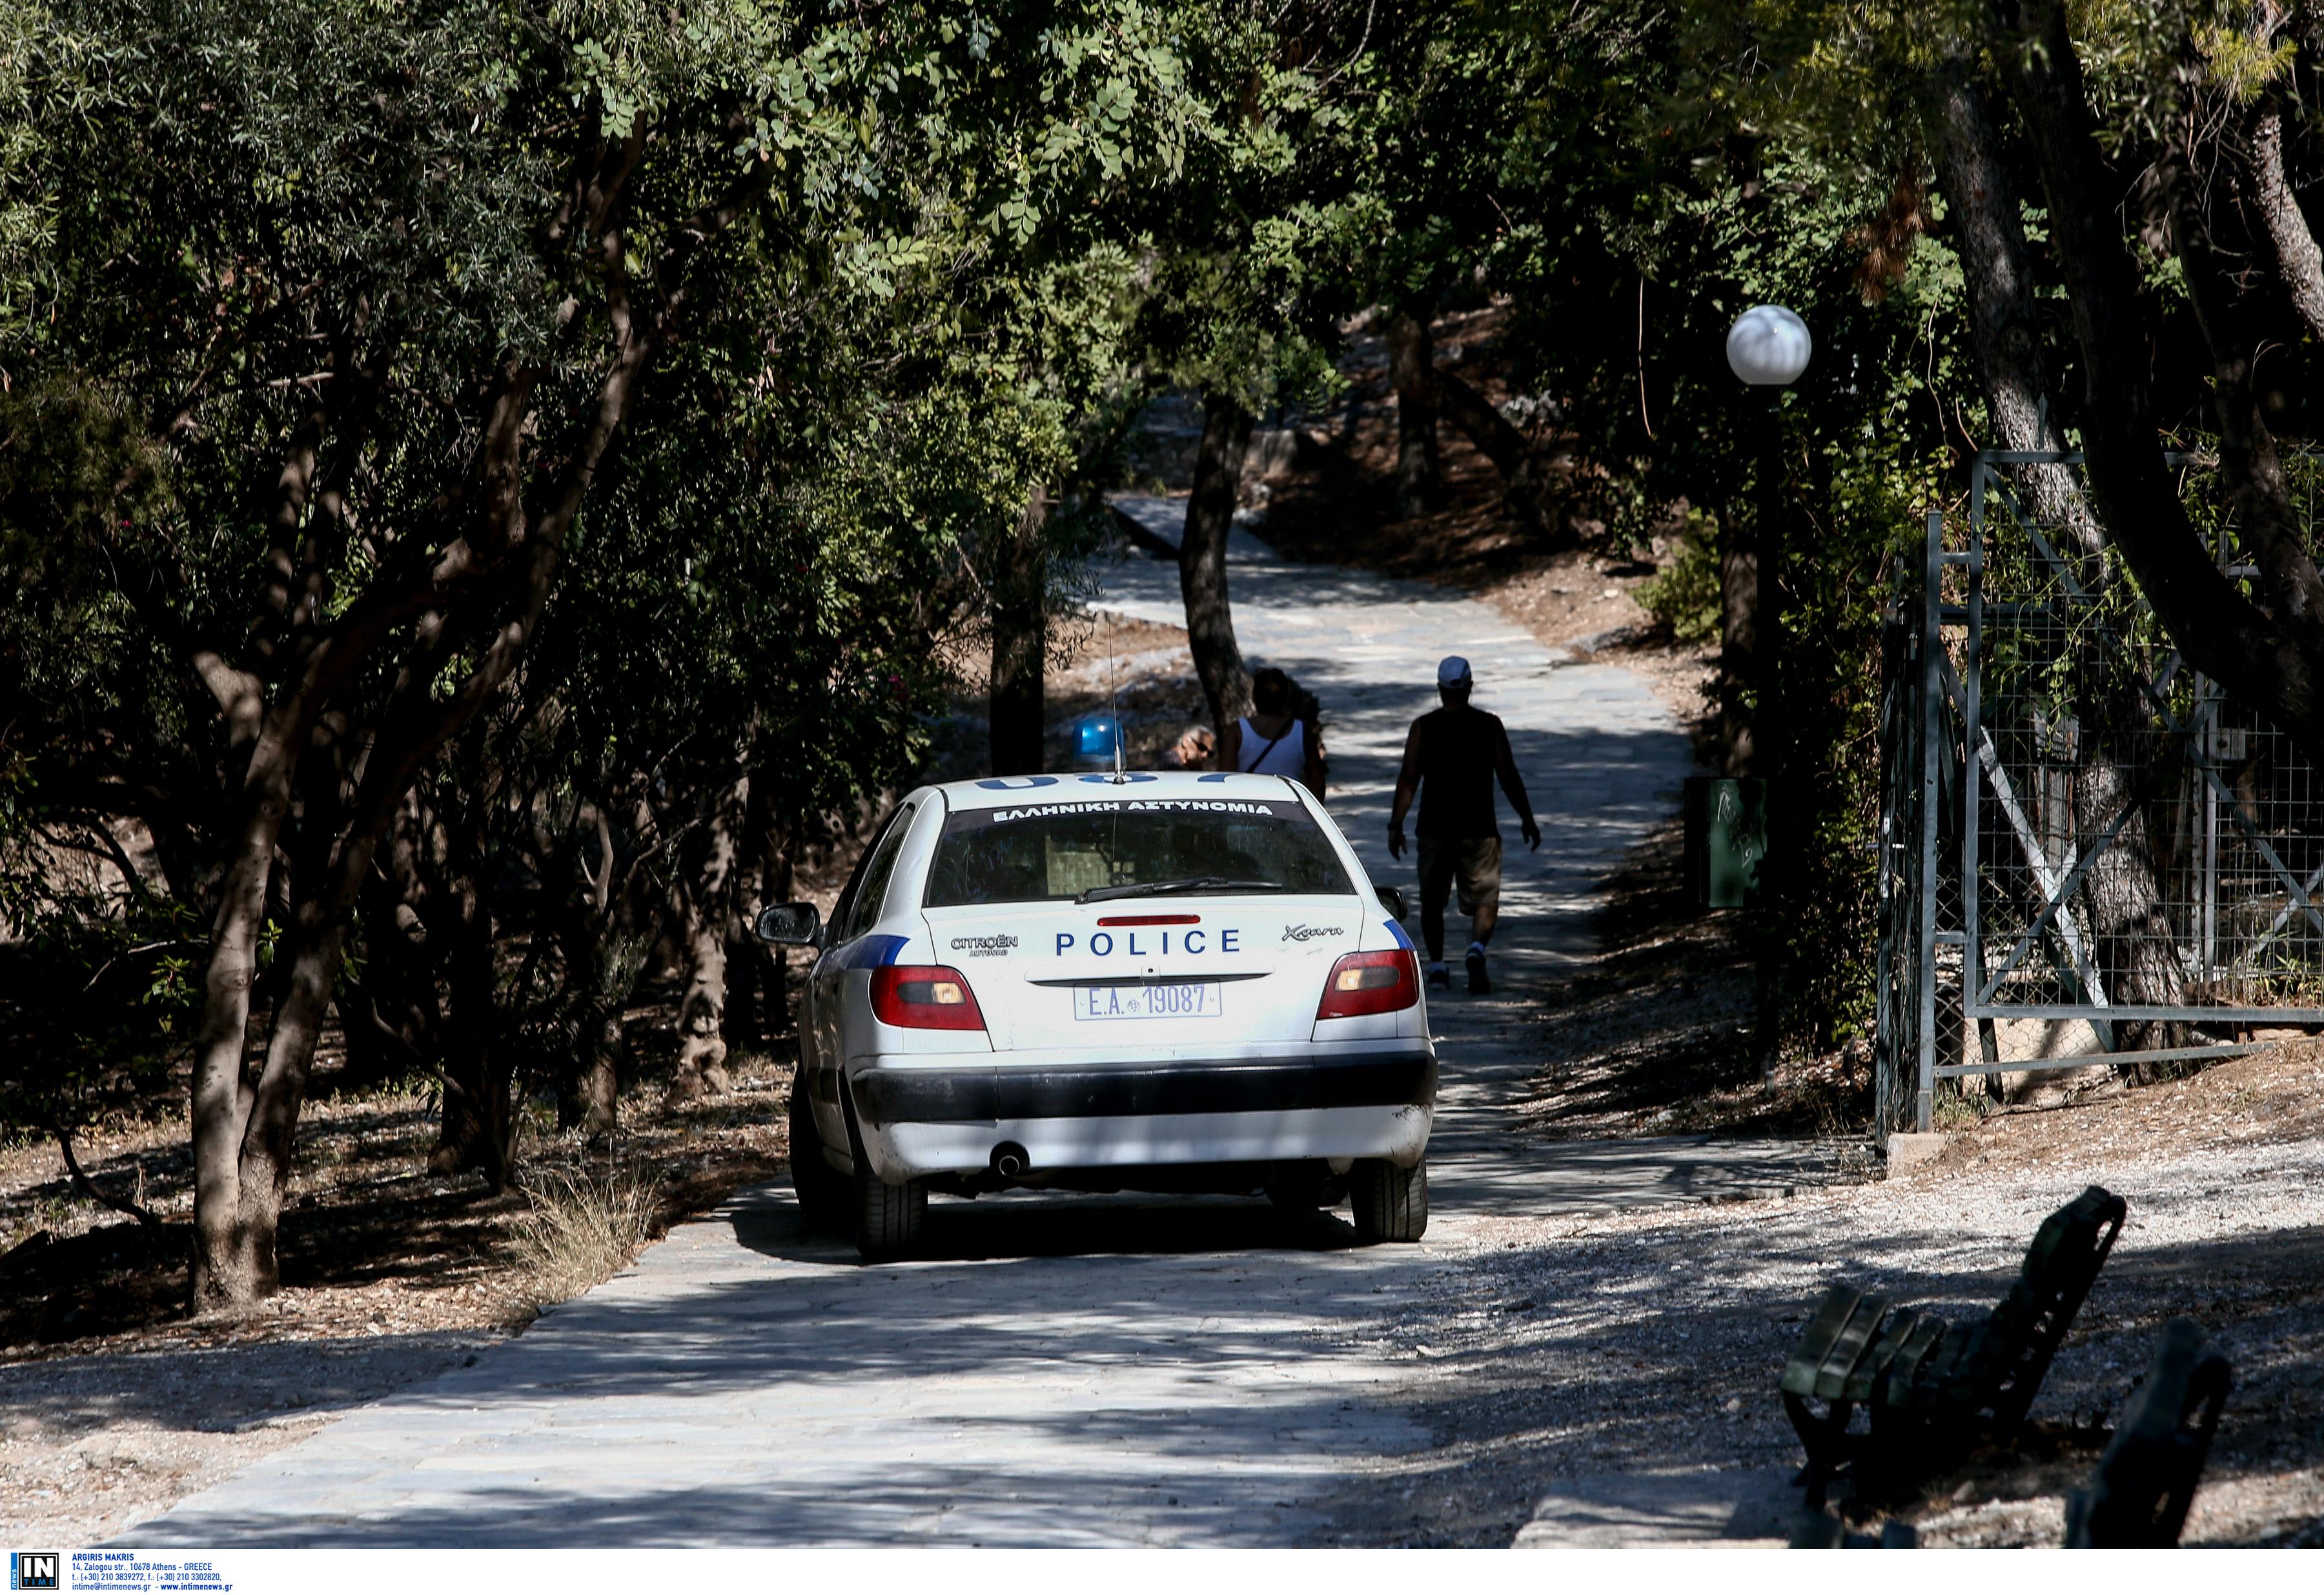 Μεσσηνία: Απαγορευμένος έρωτας με κατάρες και πυροβολισμούς – Βεντέτα ανάμεσα σε τρεις οικογένειες!